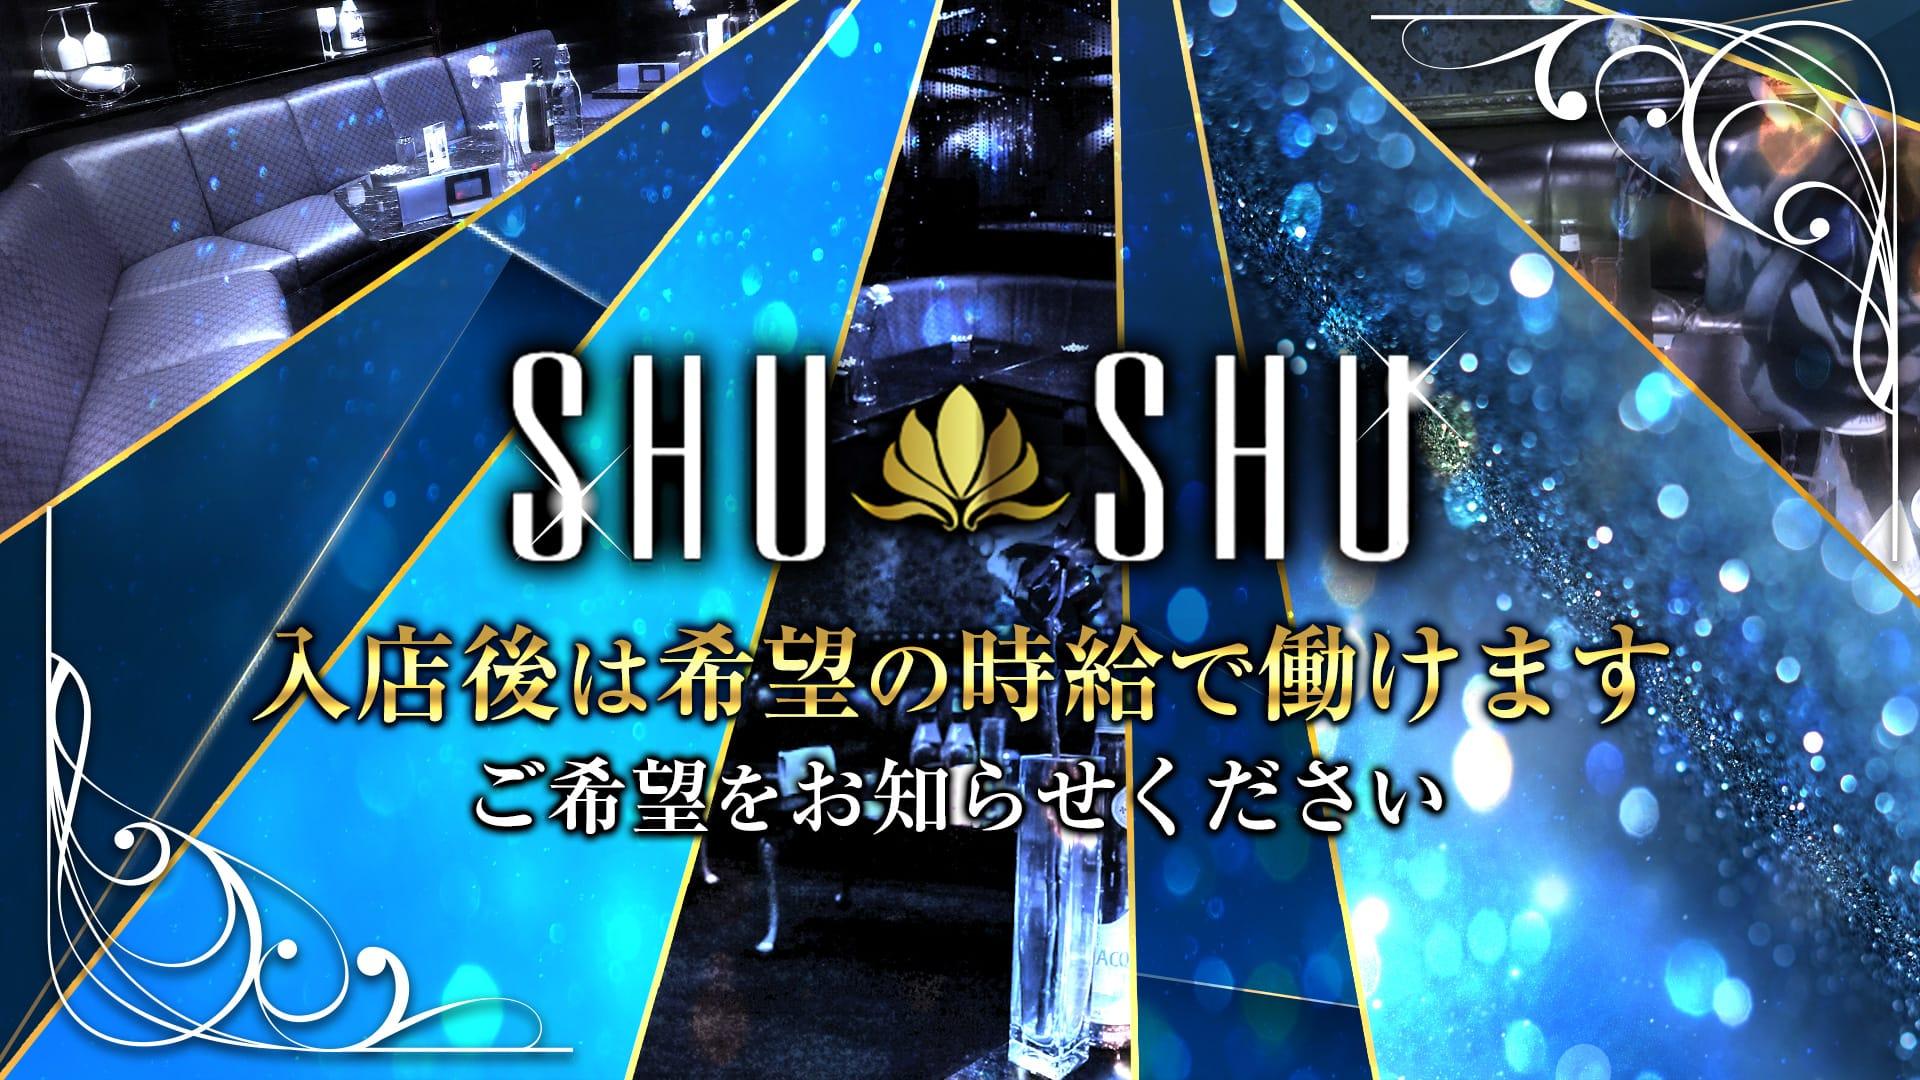 【津田沼】SHU-SHU(シュシュ) 西船橋キャバクラ TOP画像